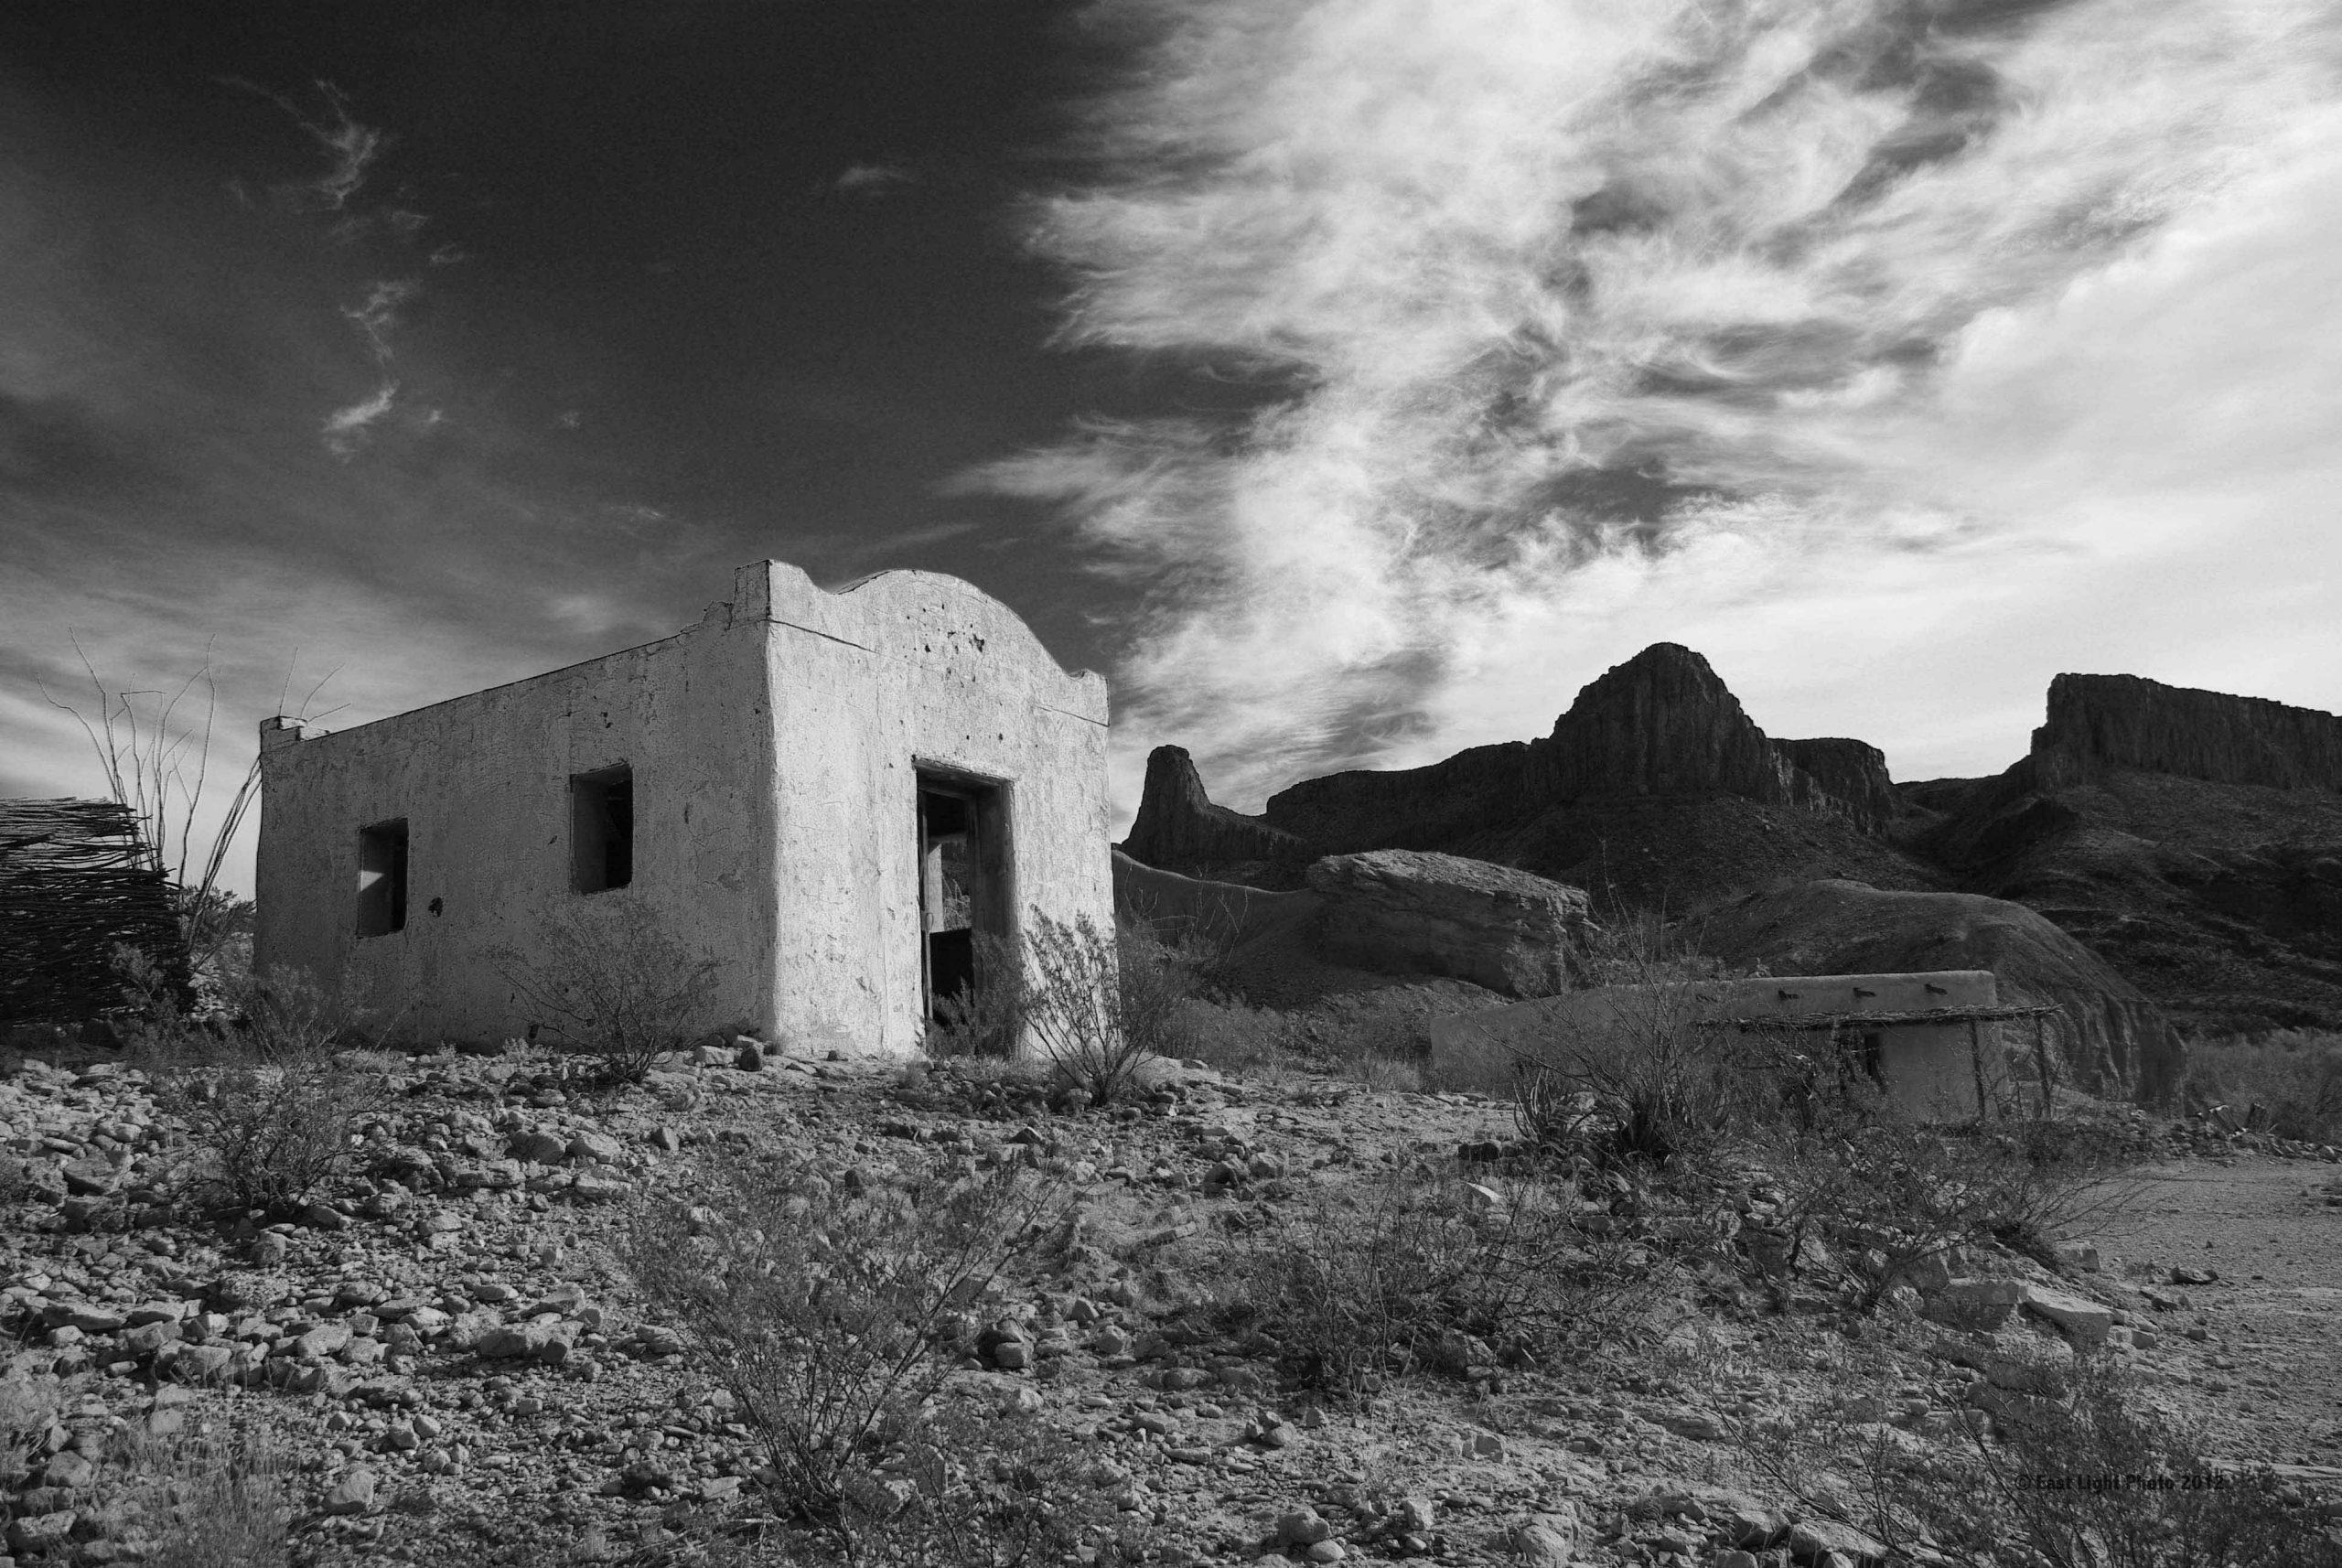 Along the Rio Grande. Photo by Juan Garcia